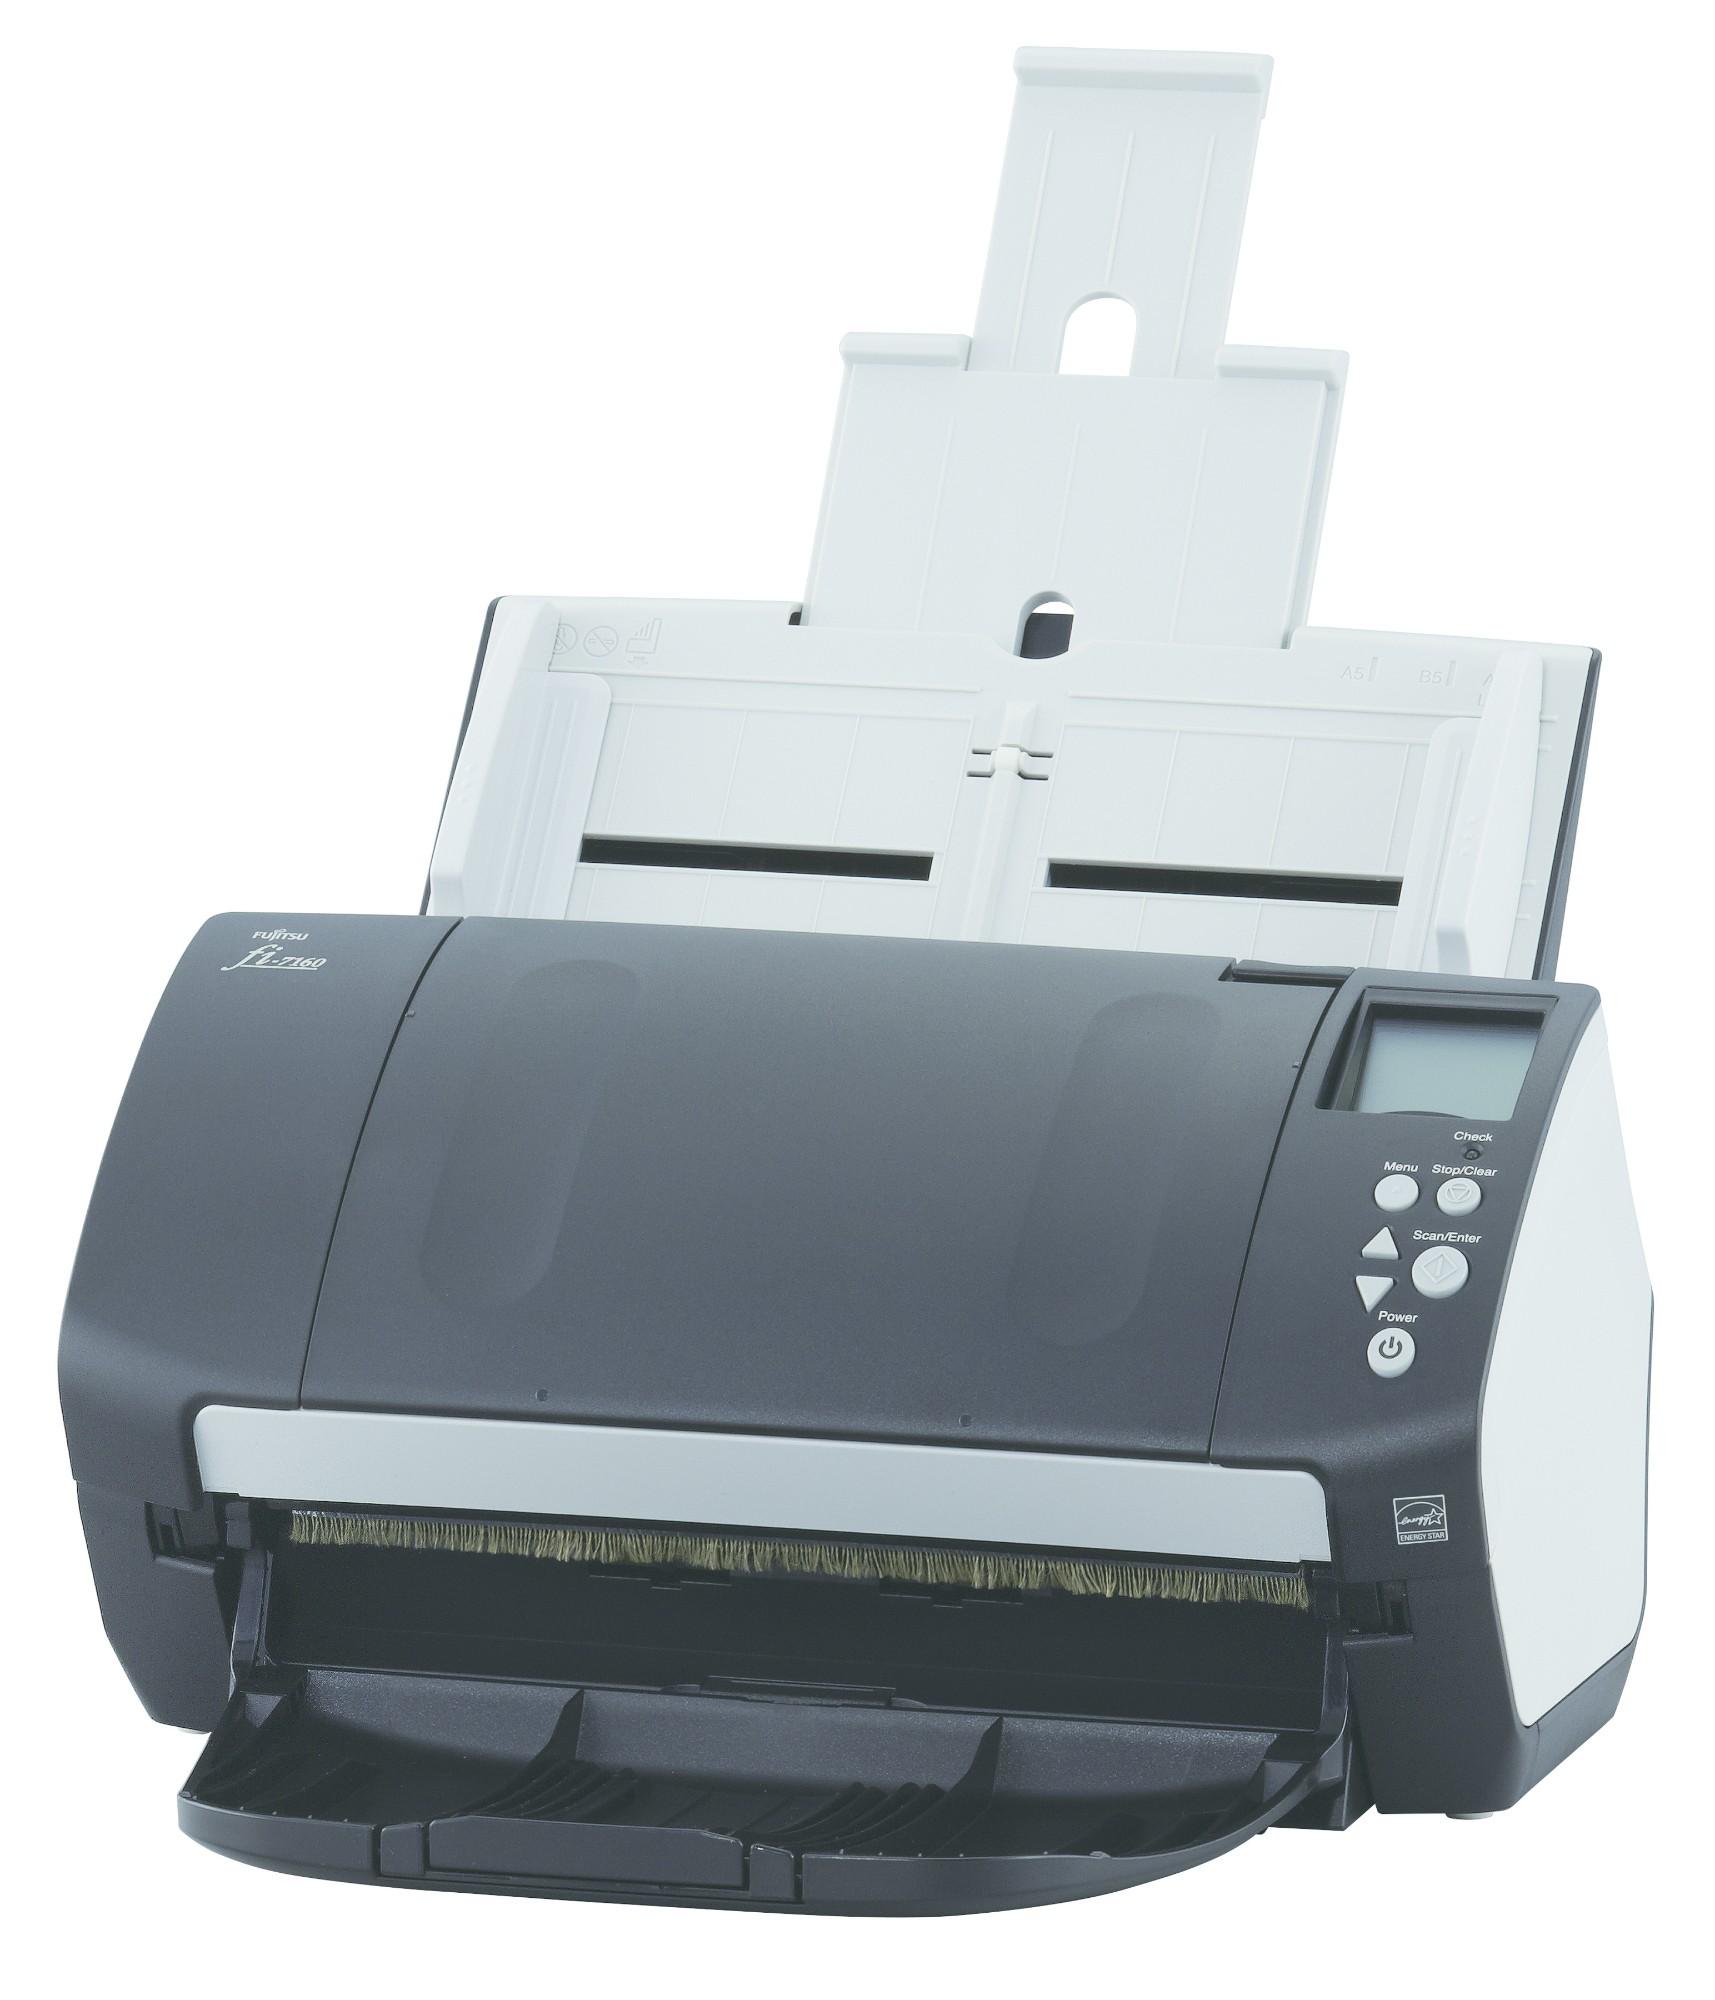 Fujitsu fi-7160 600 x 600 DPI Escáner con alimentador automático de documentos (ADF) Negro, Blanco A4